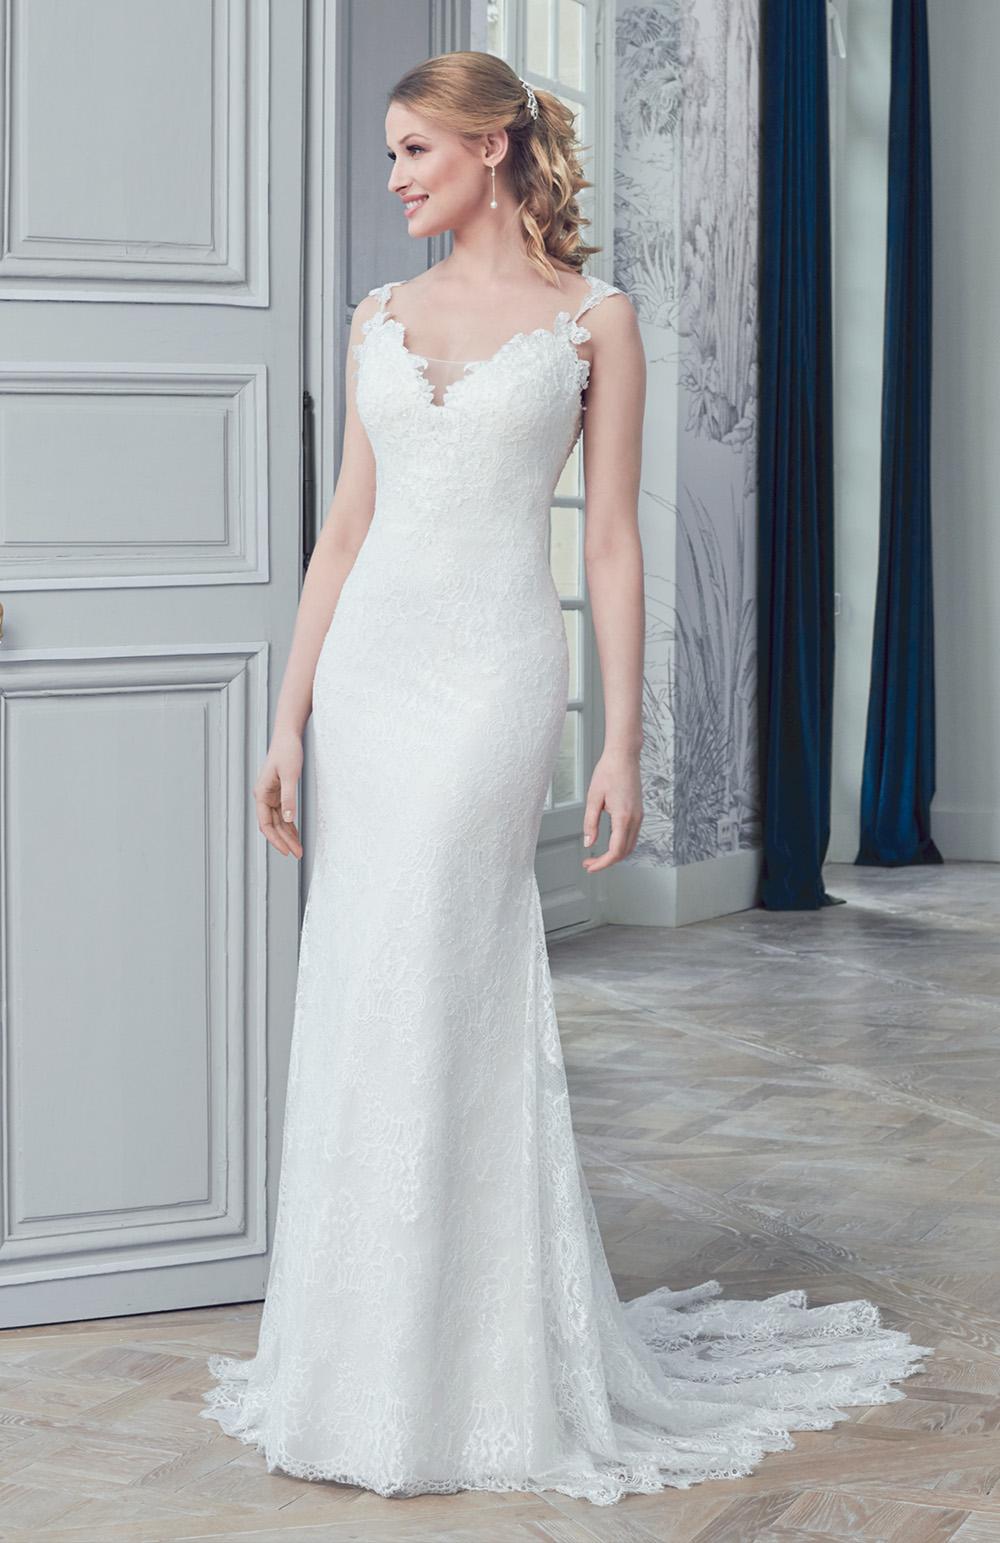 Robe de mariée Modèle Angy